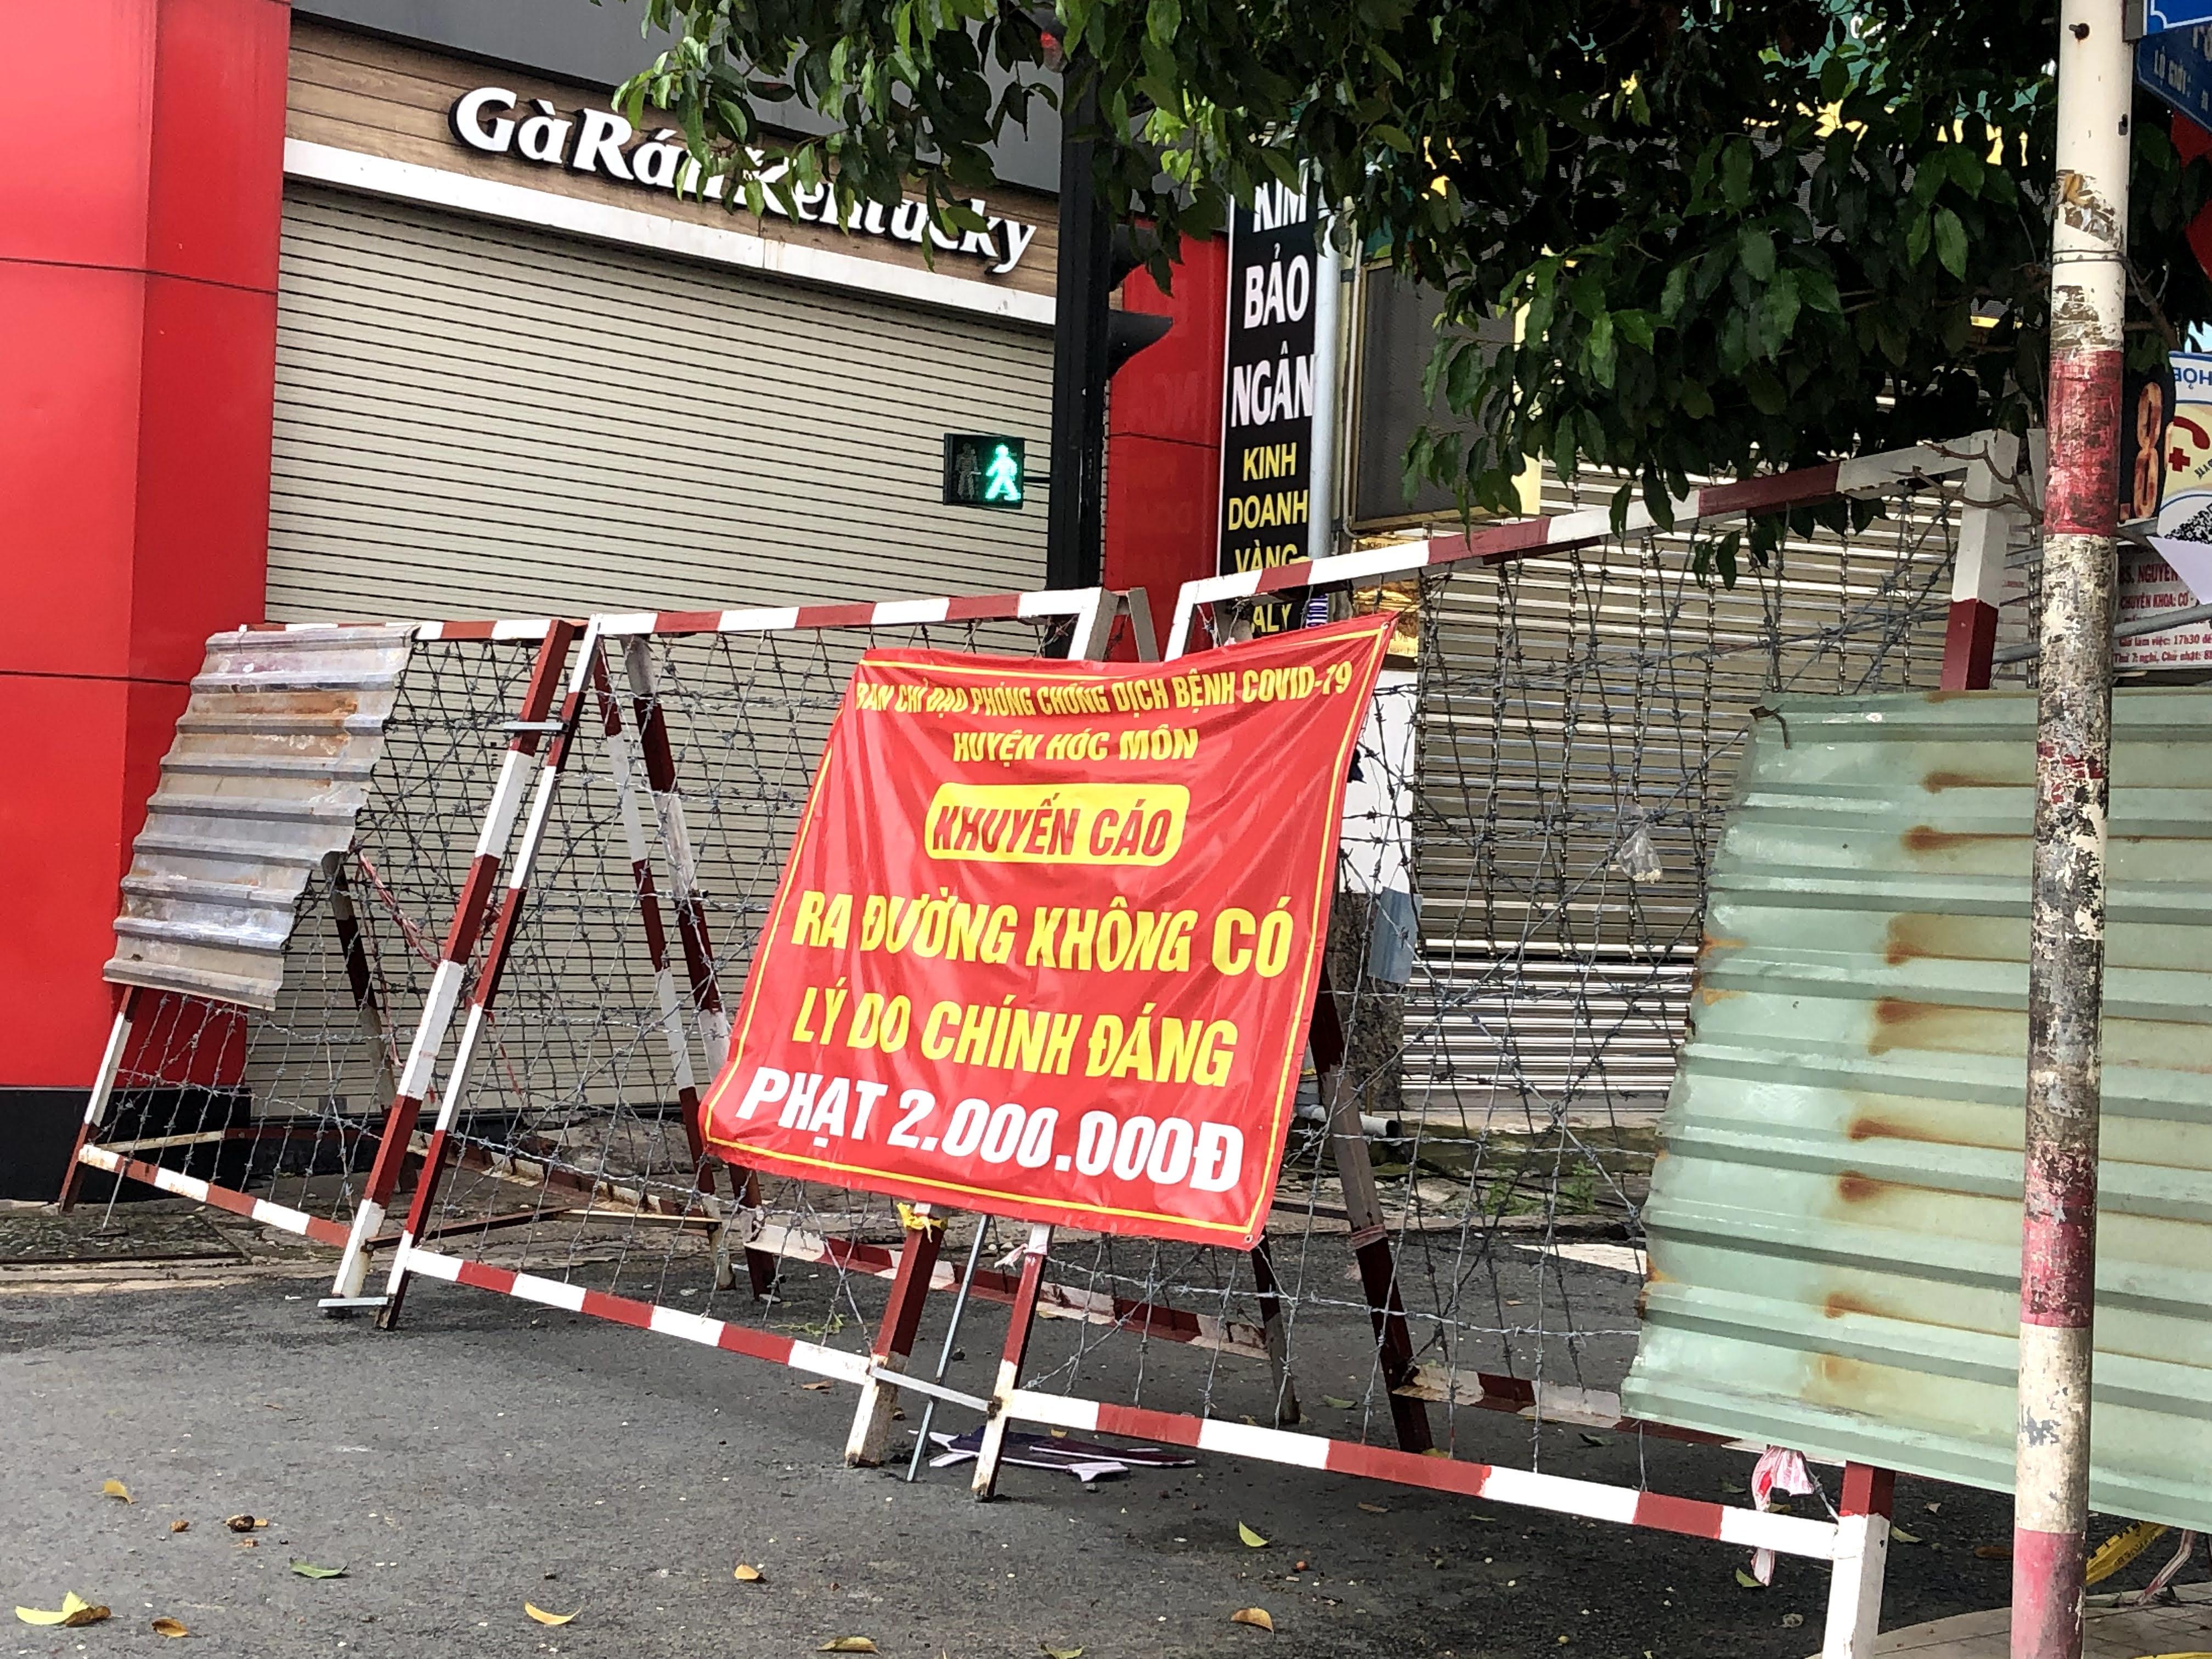 Chốt chặn một tuyến đường ở thị trấn Hóc Môn. Dù tín hiệu đèn đường vẫn hoạt động nhưng nhiều tháng qua không có bất cứ phương tiện nào có thể di chuyển được.